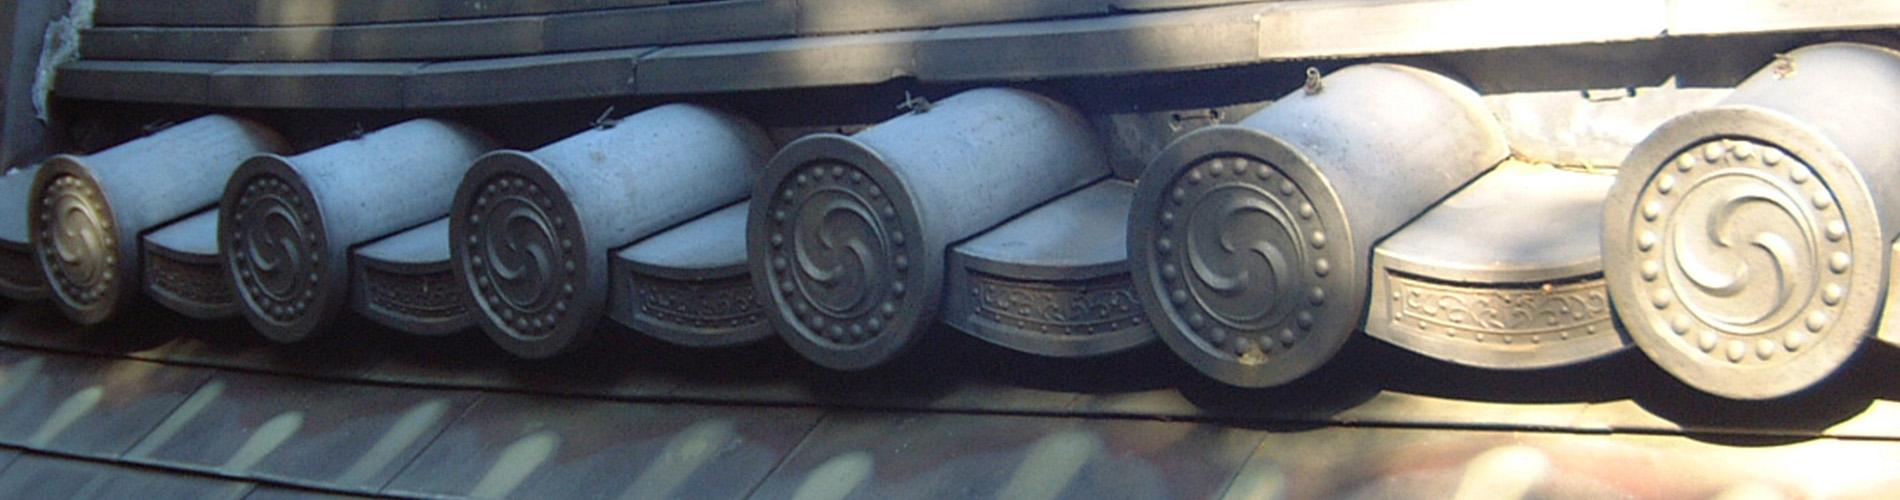 屋根を長持ちさせるコツ。間違えない業者の選び方 屋根修理、屋根リフォームは創業100余年 香取市の加藤瓦店へ